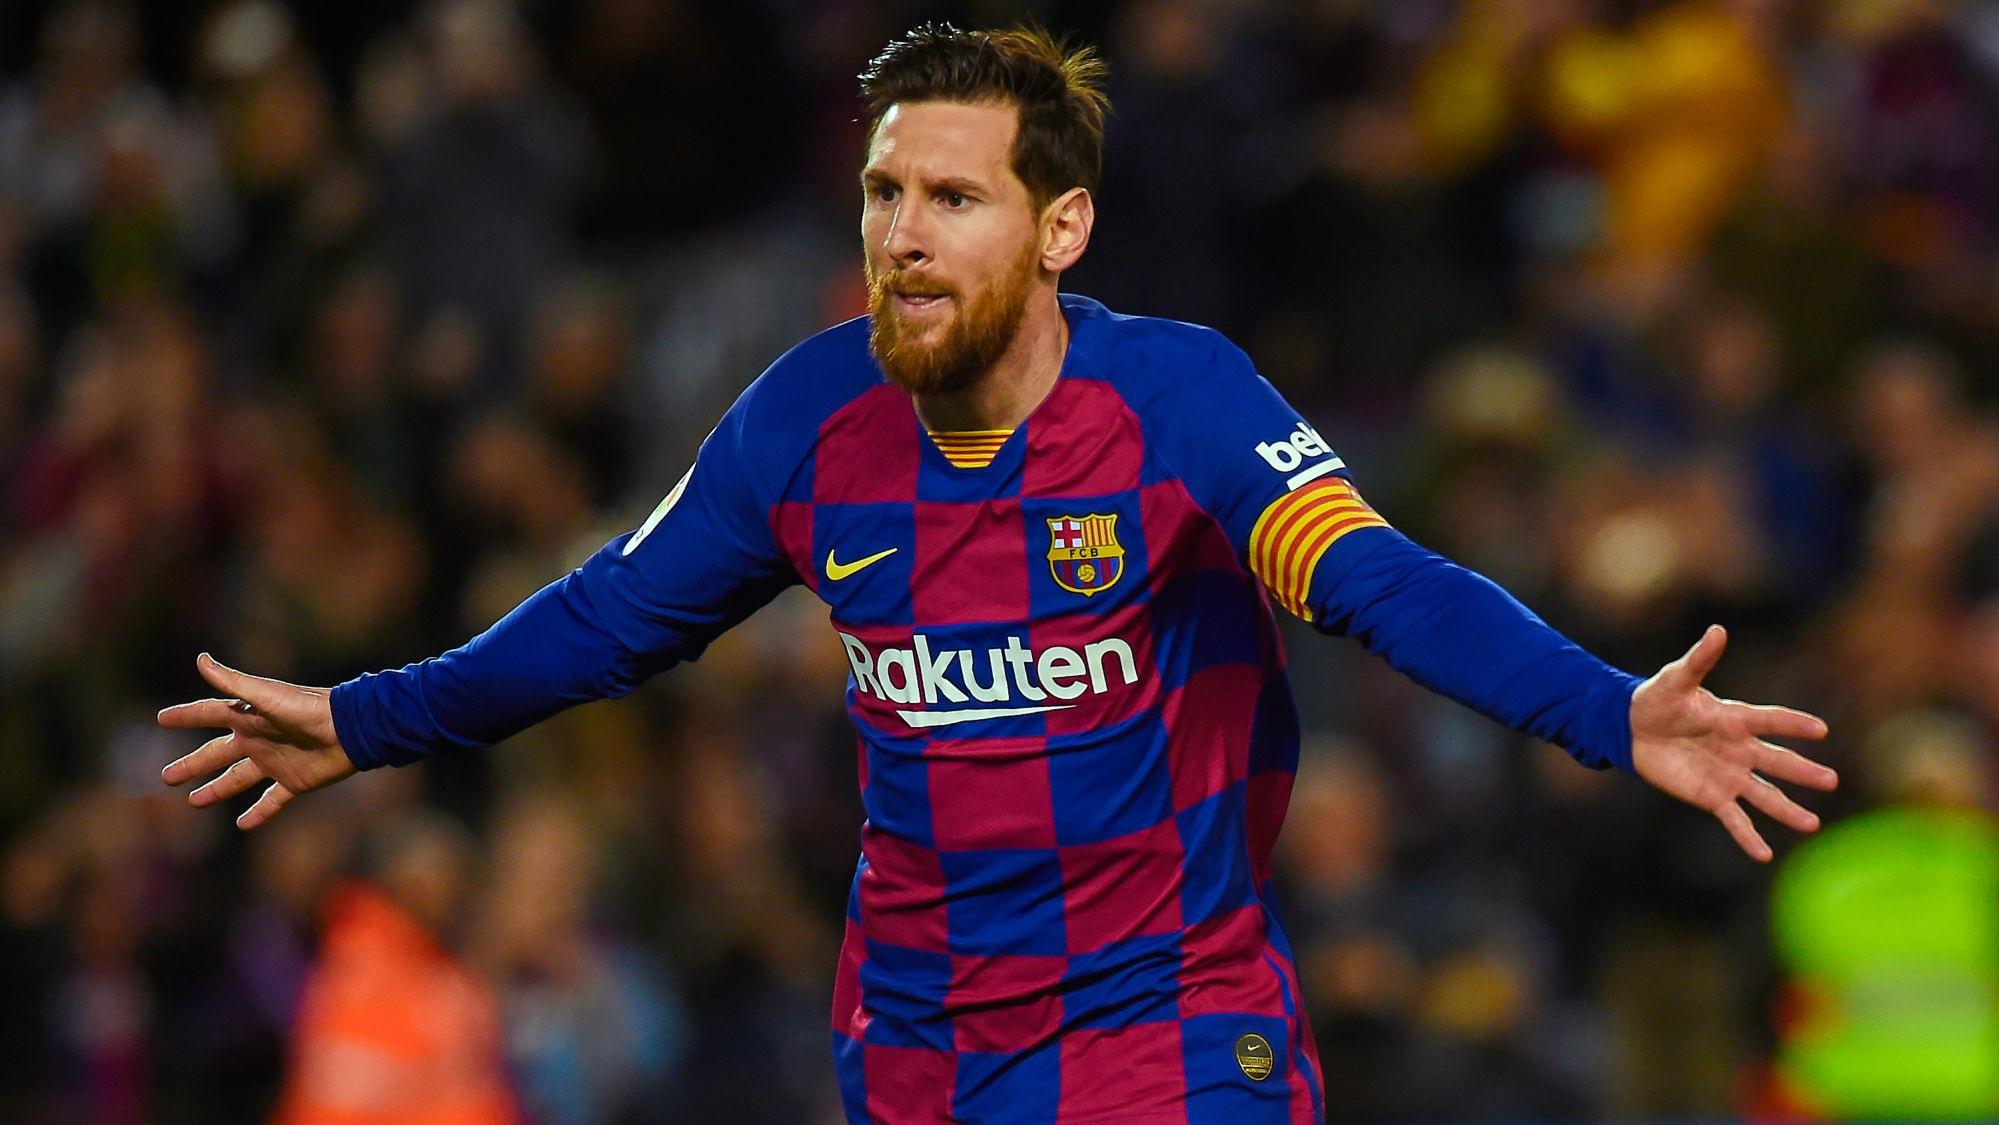 L'ancien agent de Messi assure qu'il veut rejouer avec Neymar, mais reste prudent